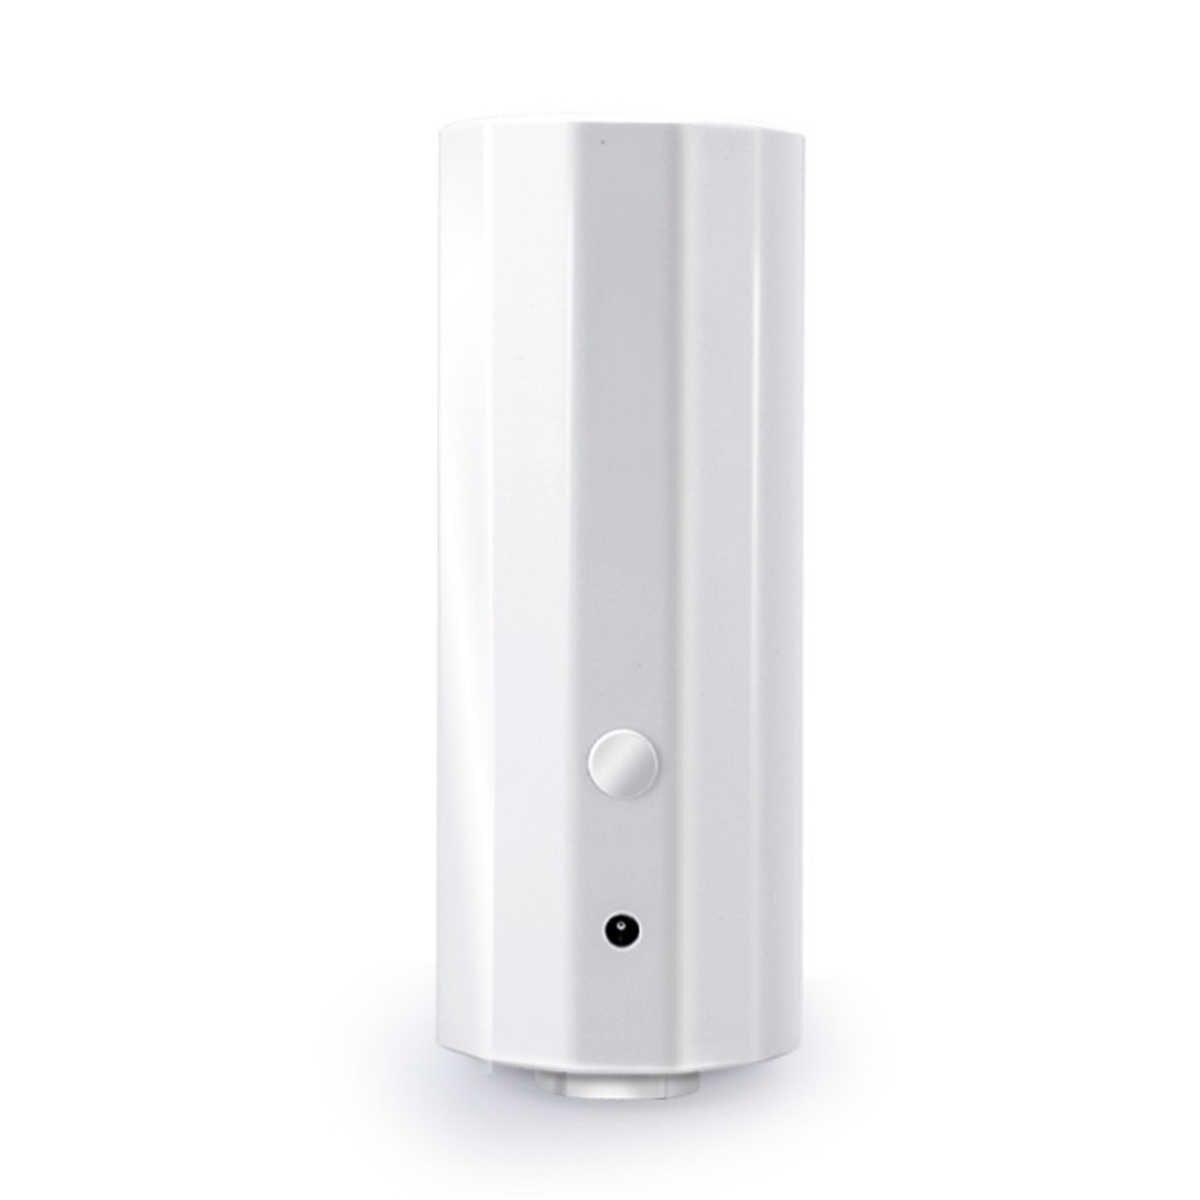 Gospodarstw domowych przenośne automatyczne zgrzewarki próżniowej pompy maszyna elektryczna pompa próżniowa powietrza na ubrania kołdra żywności 220V